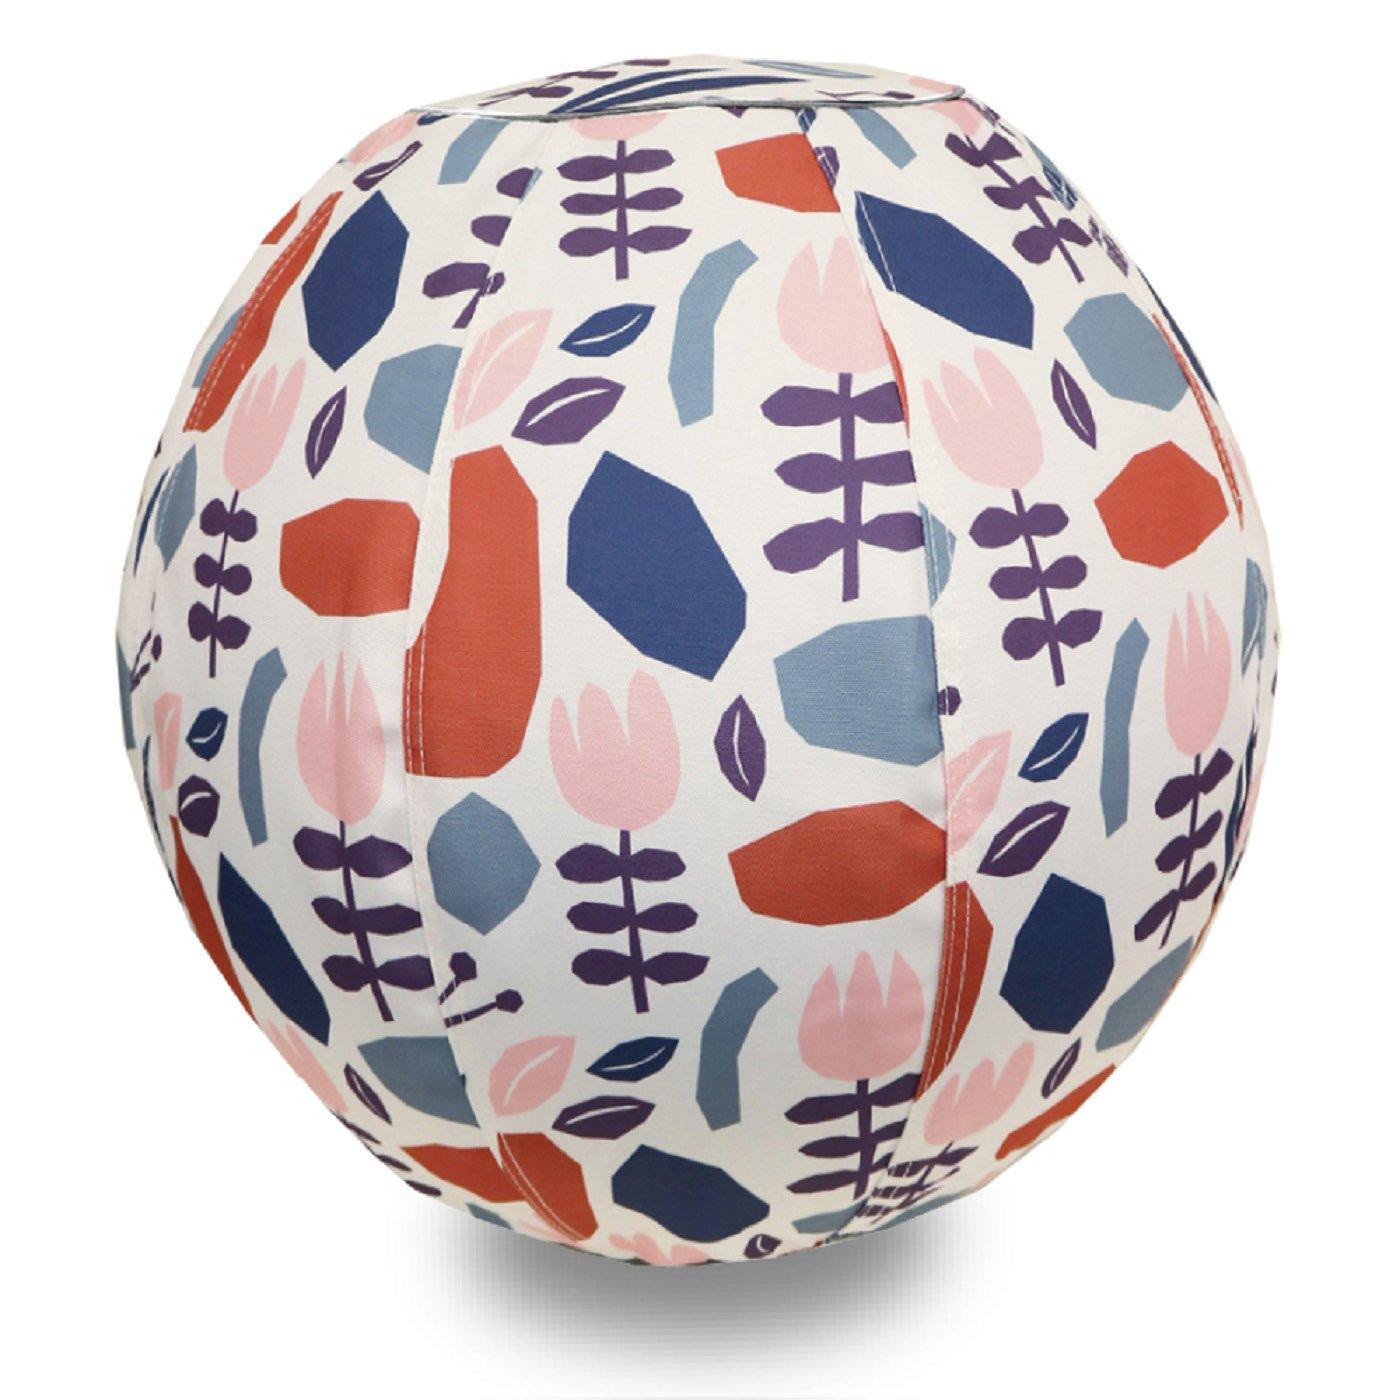 北欧をイメージした 部屋を彩るバランスボール〈日差しのガーデン/55cm〉